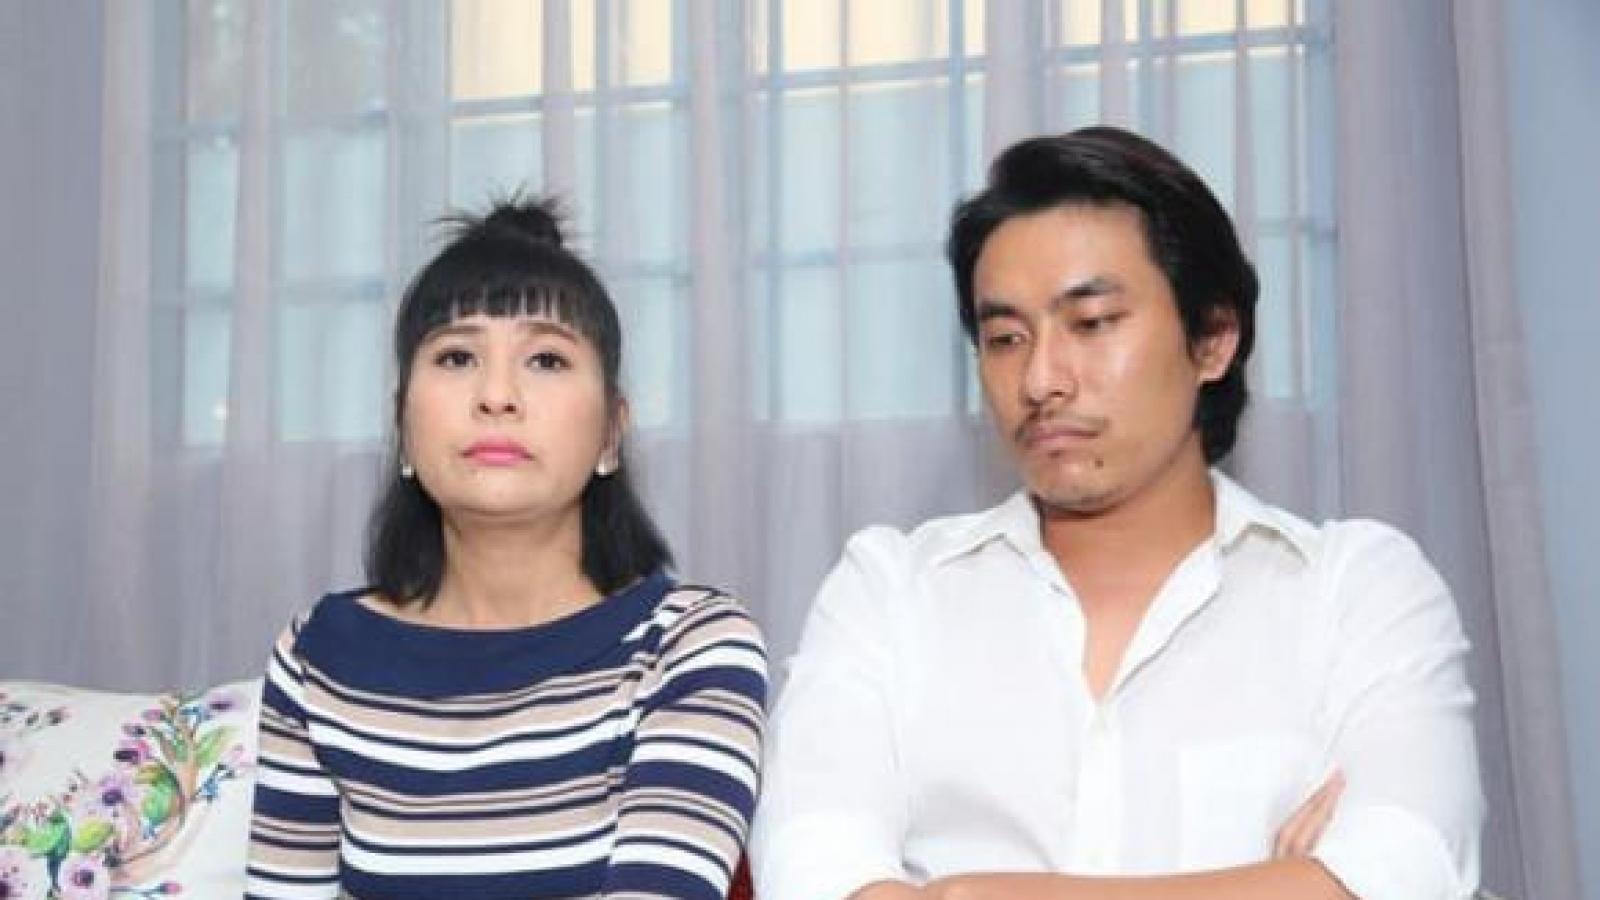 Chuyện showbiz: Kiều Minh Tuấn tiết lộ đang bị bệnh, Cát Phượng phải chăm sóc